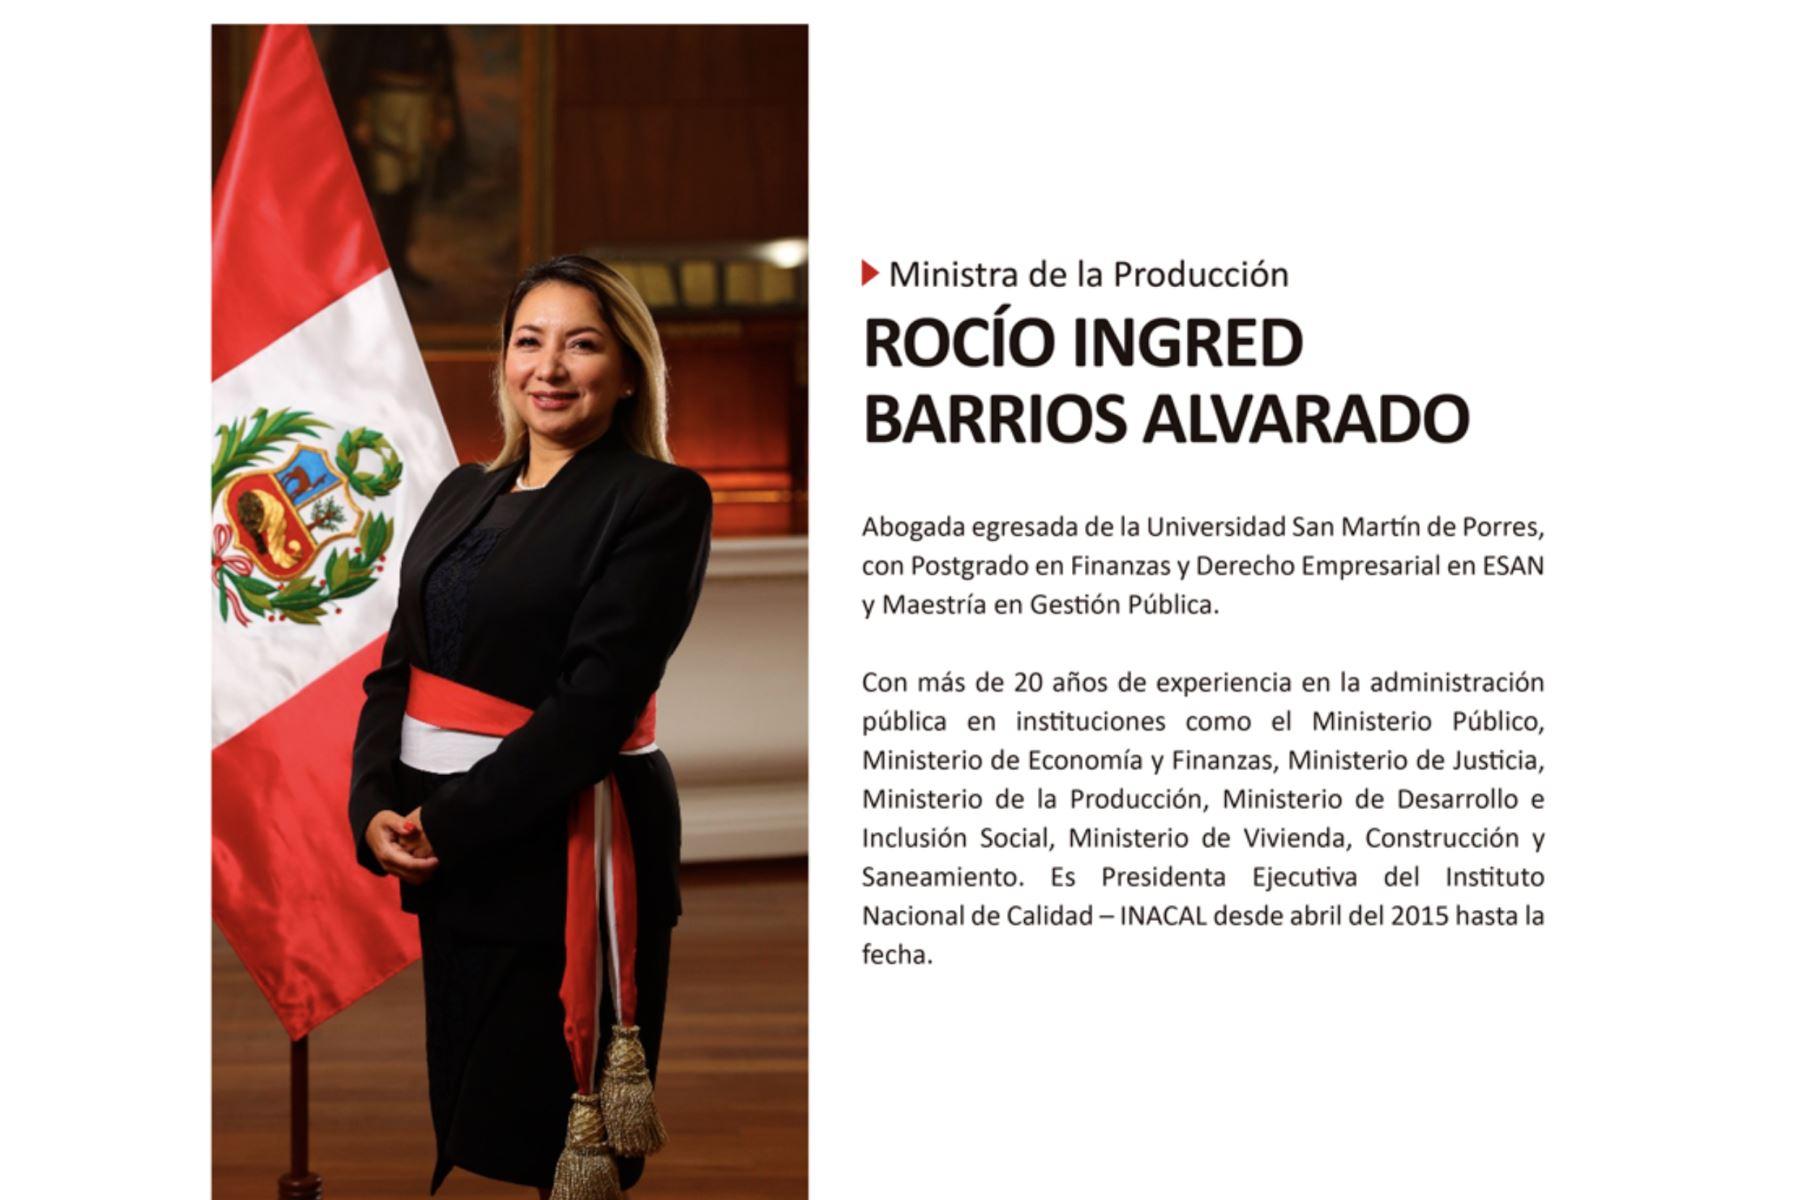 Ministra de la Producción, Rocío Ingred Barrios